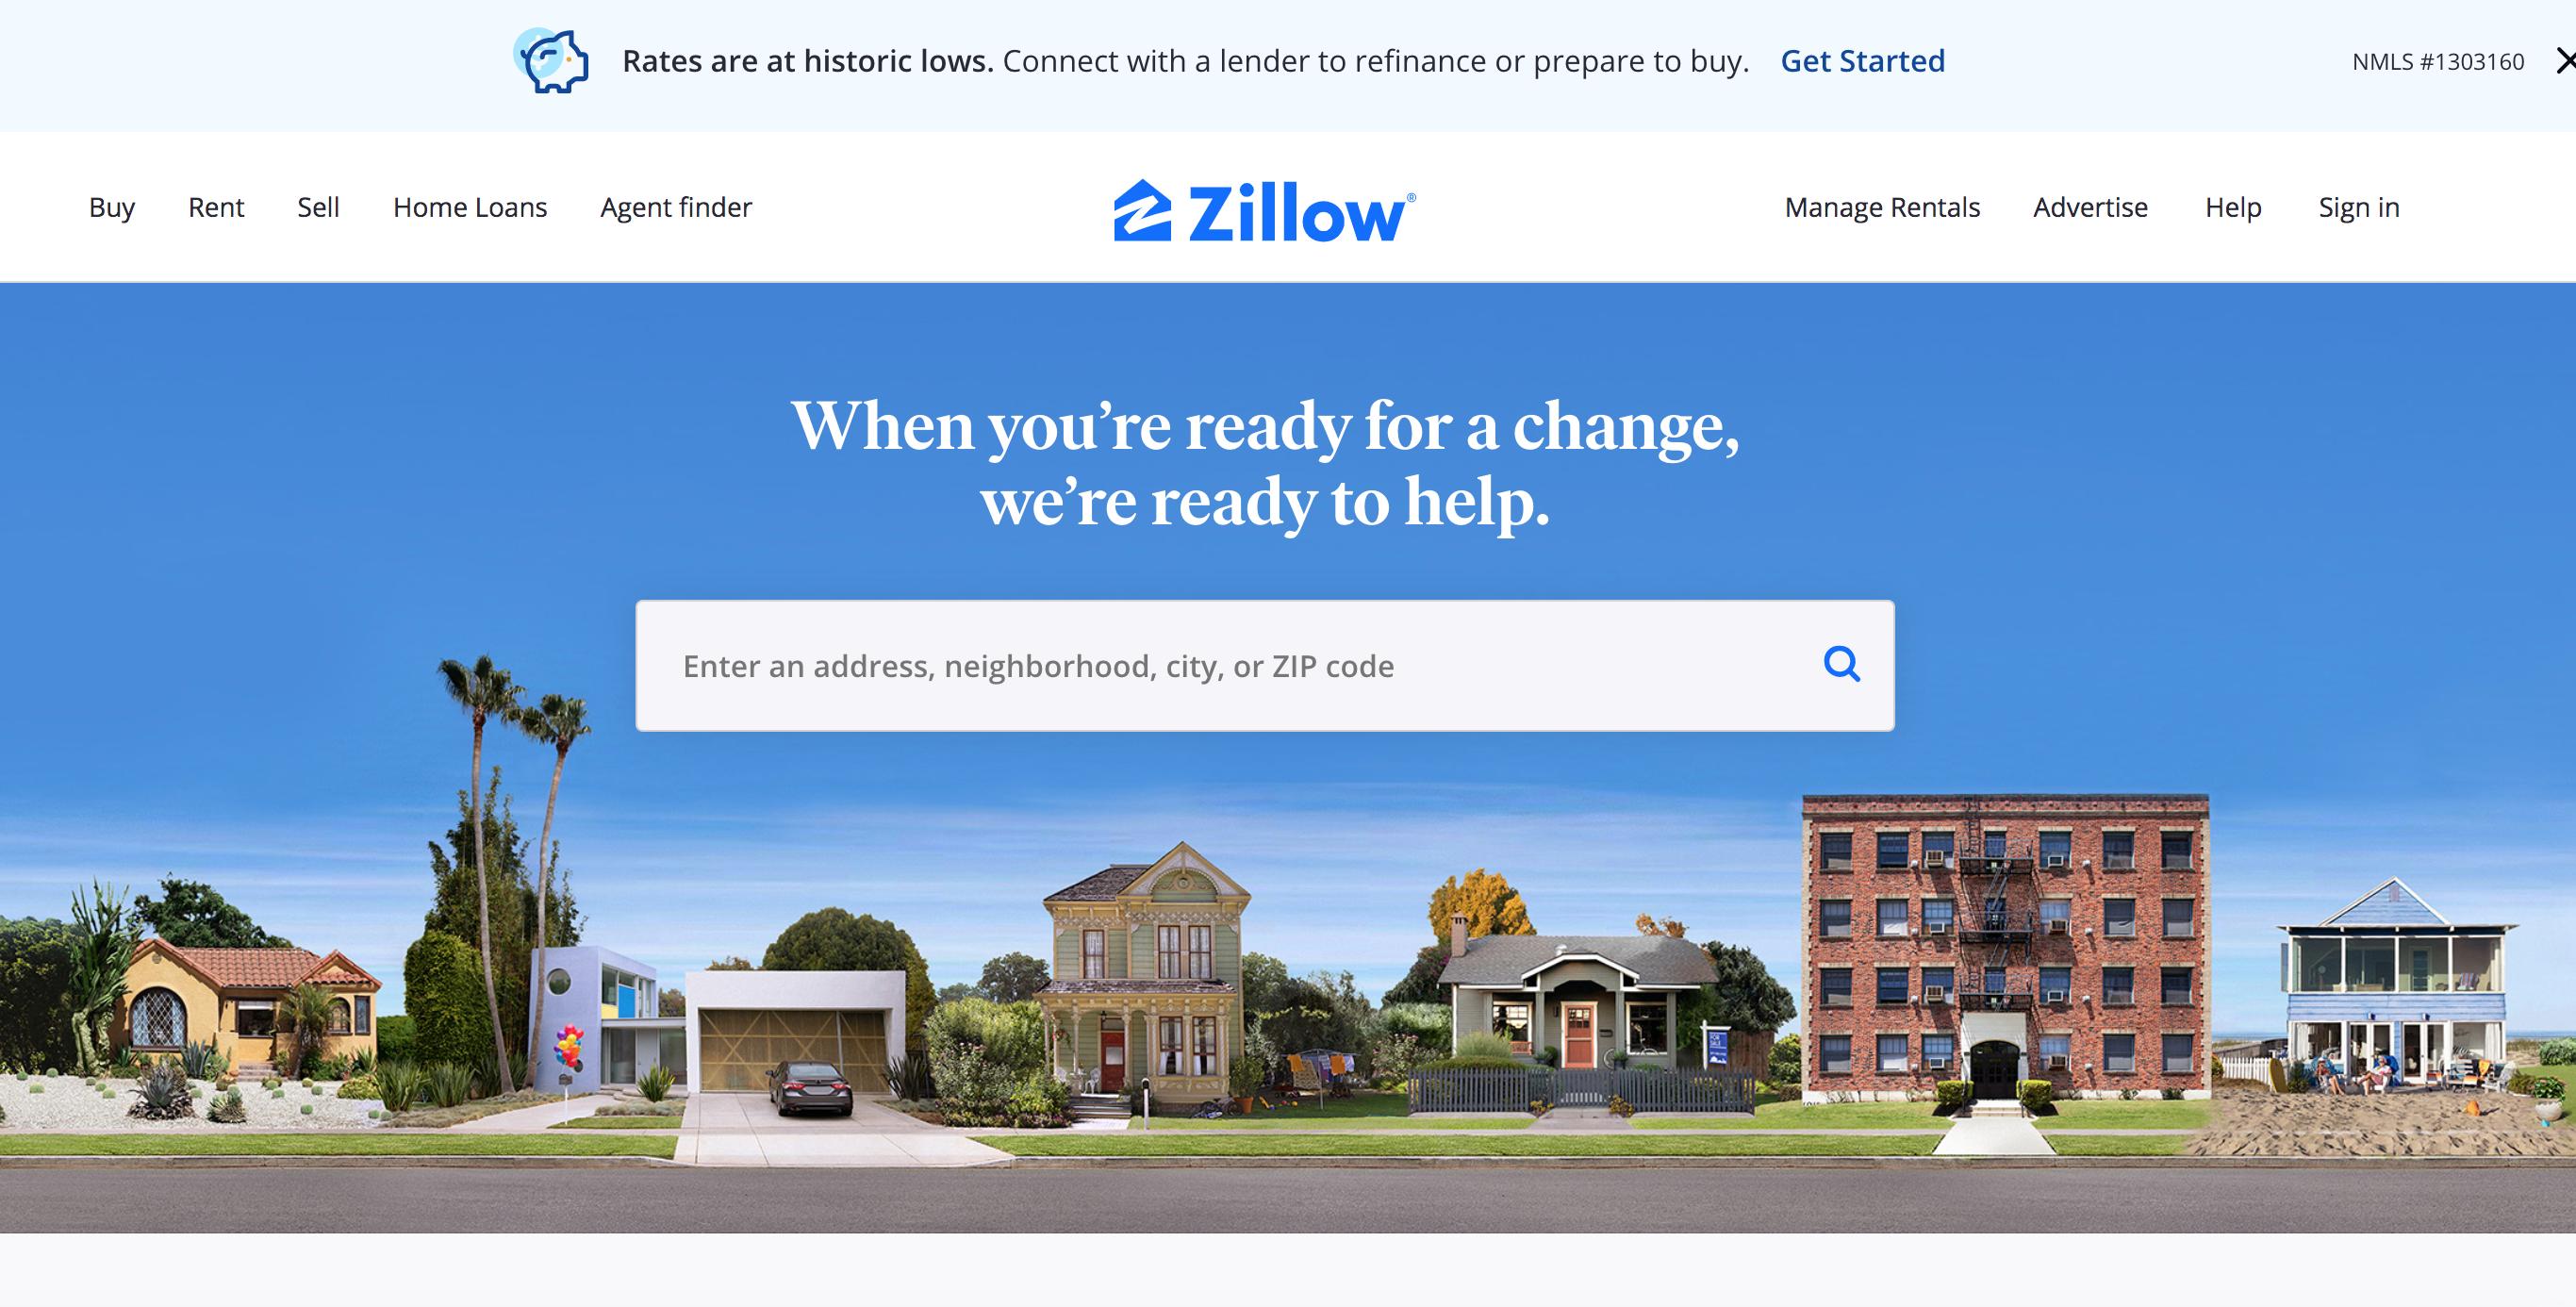 미국 부동산 플랫폼 Zillow